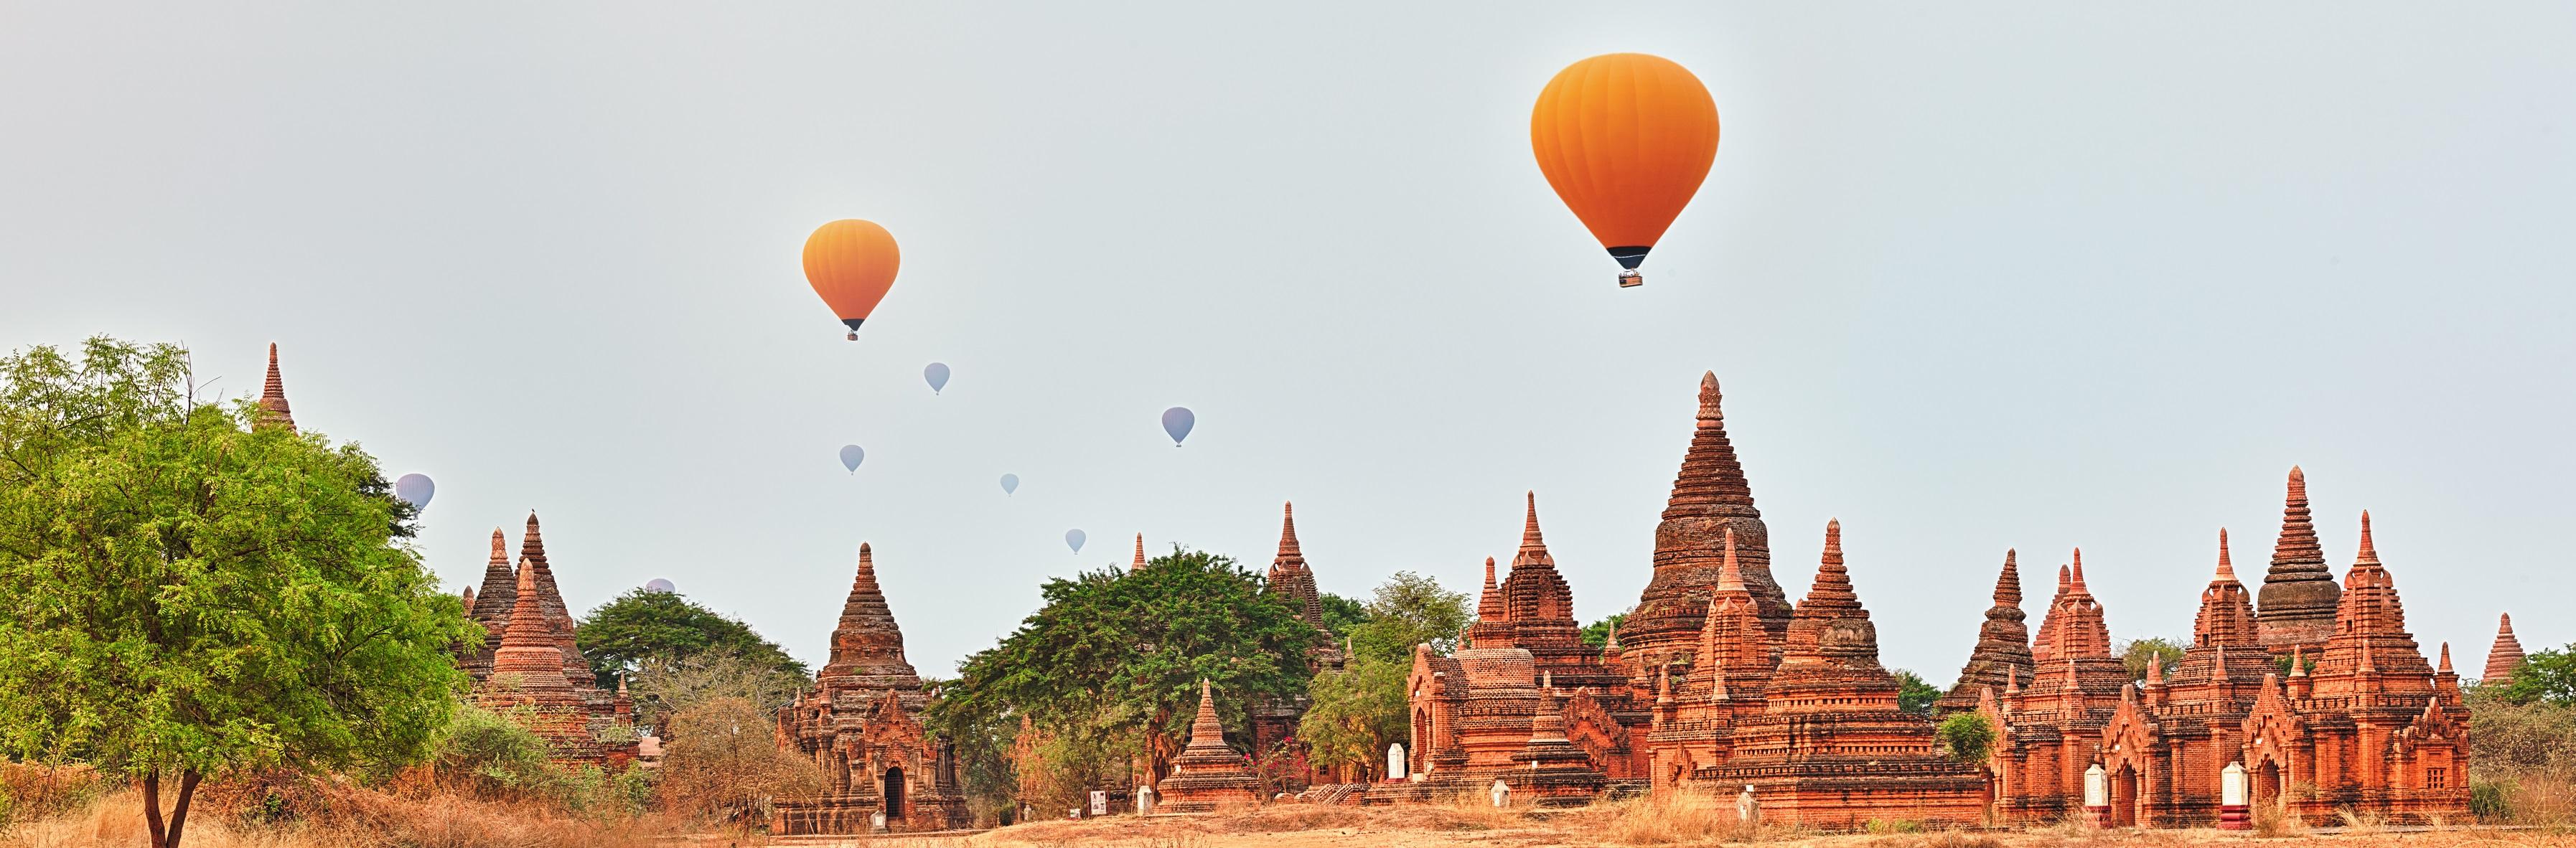 チャリツモナイト #4 Jazzトークライブ:ミャンマーを知る、ミャンマーを考える